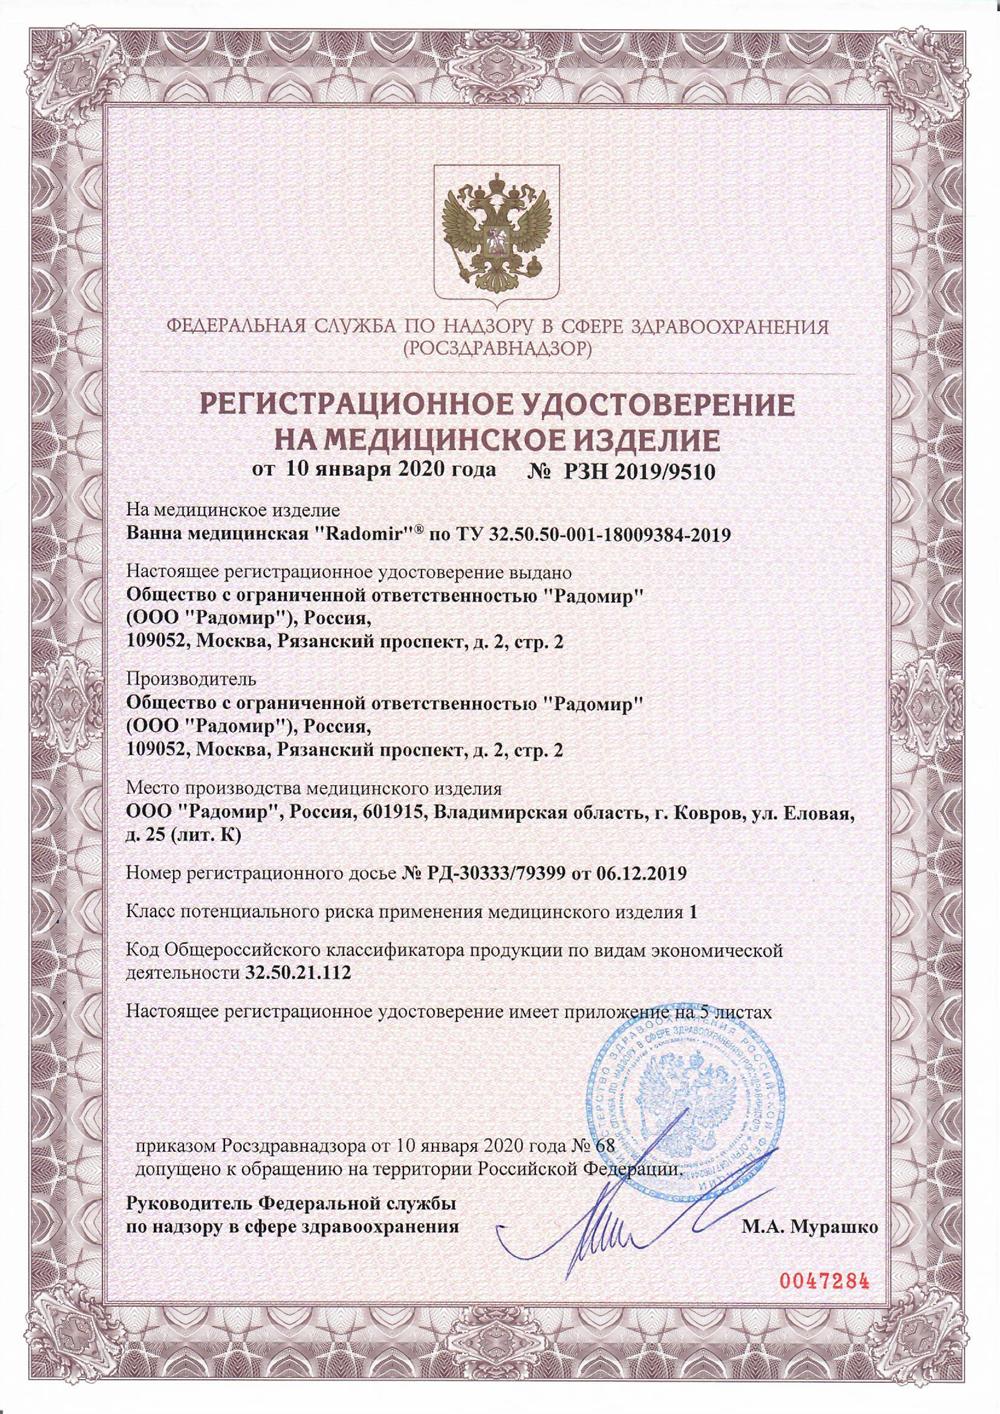 Регистрацонное удостоверение на медицинское изделие